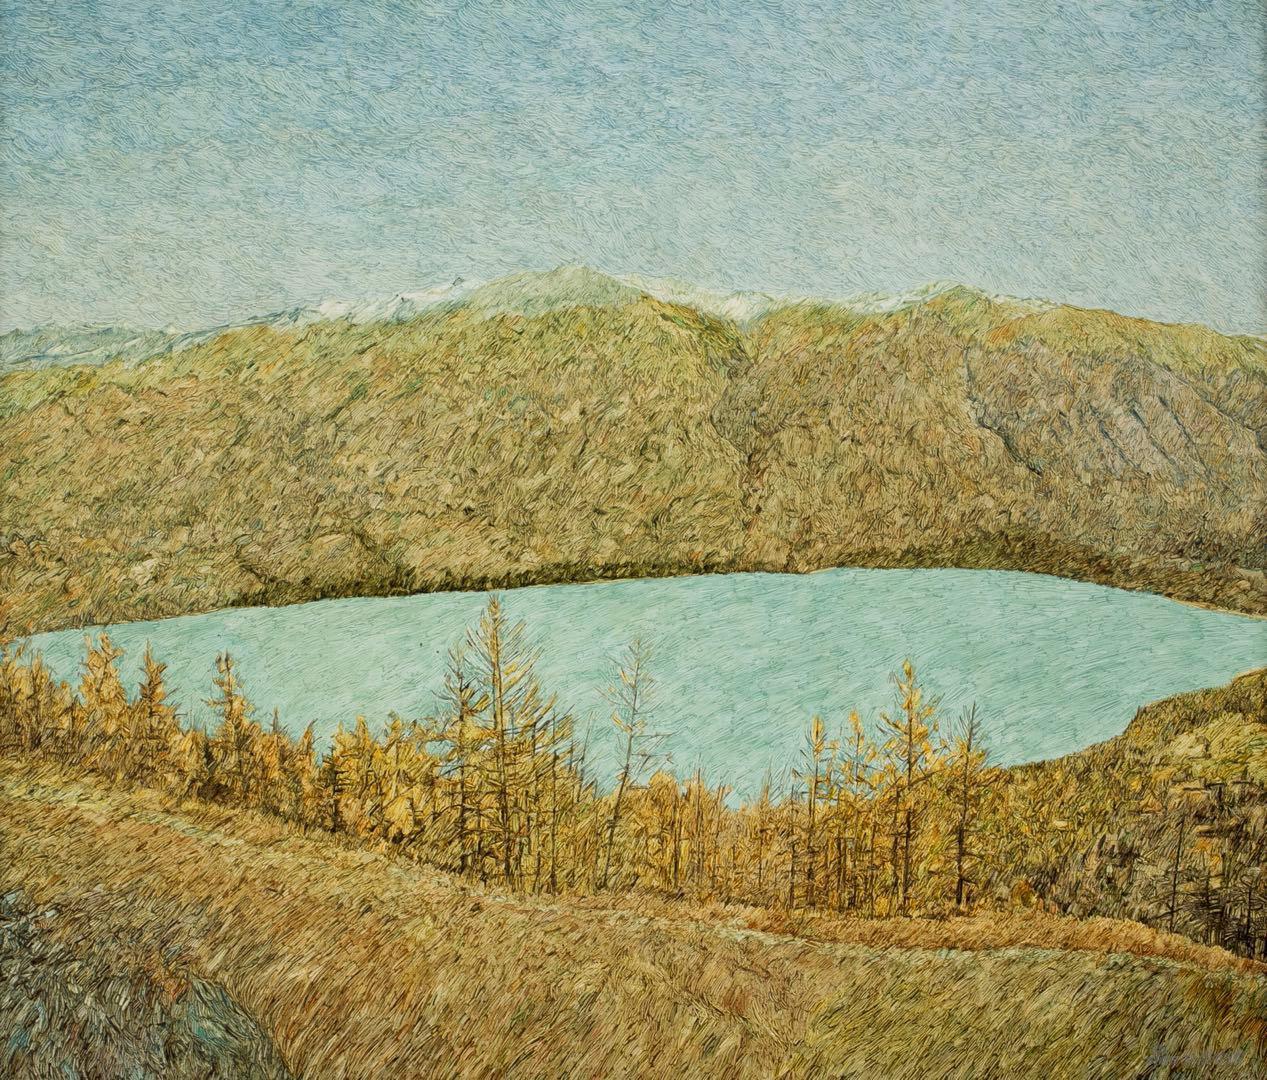 譚尚勤:繪畫是一種遵循內心本能的自然流露